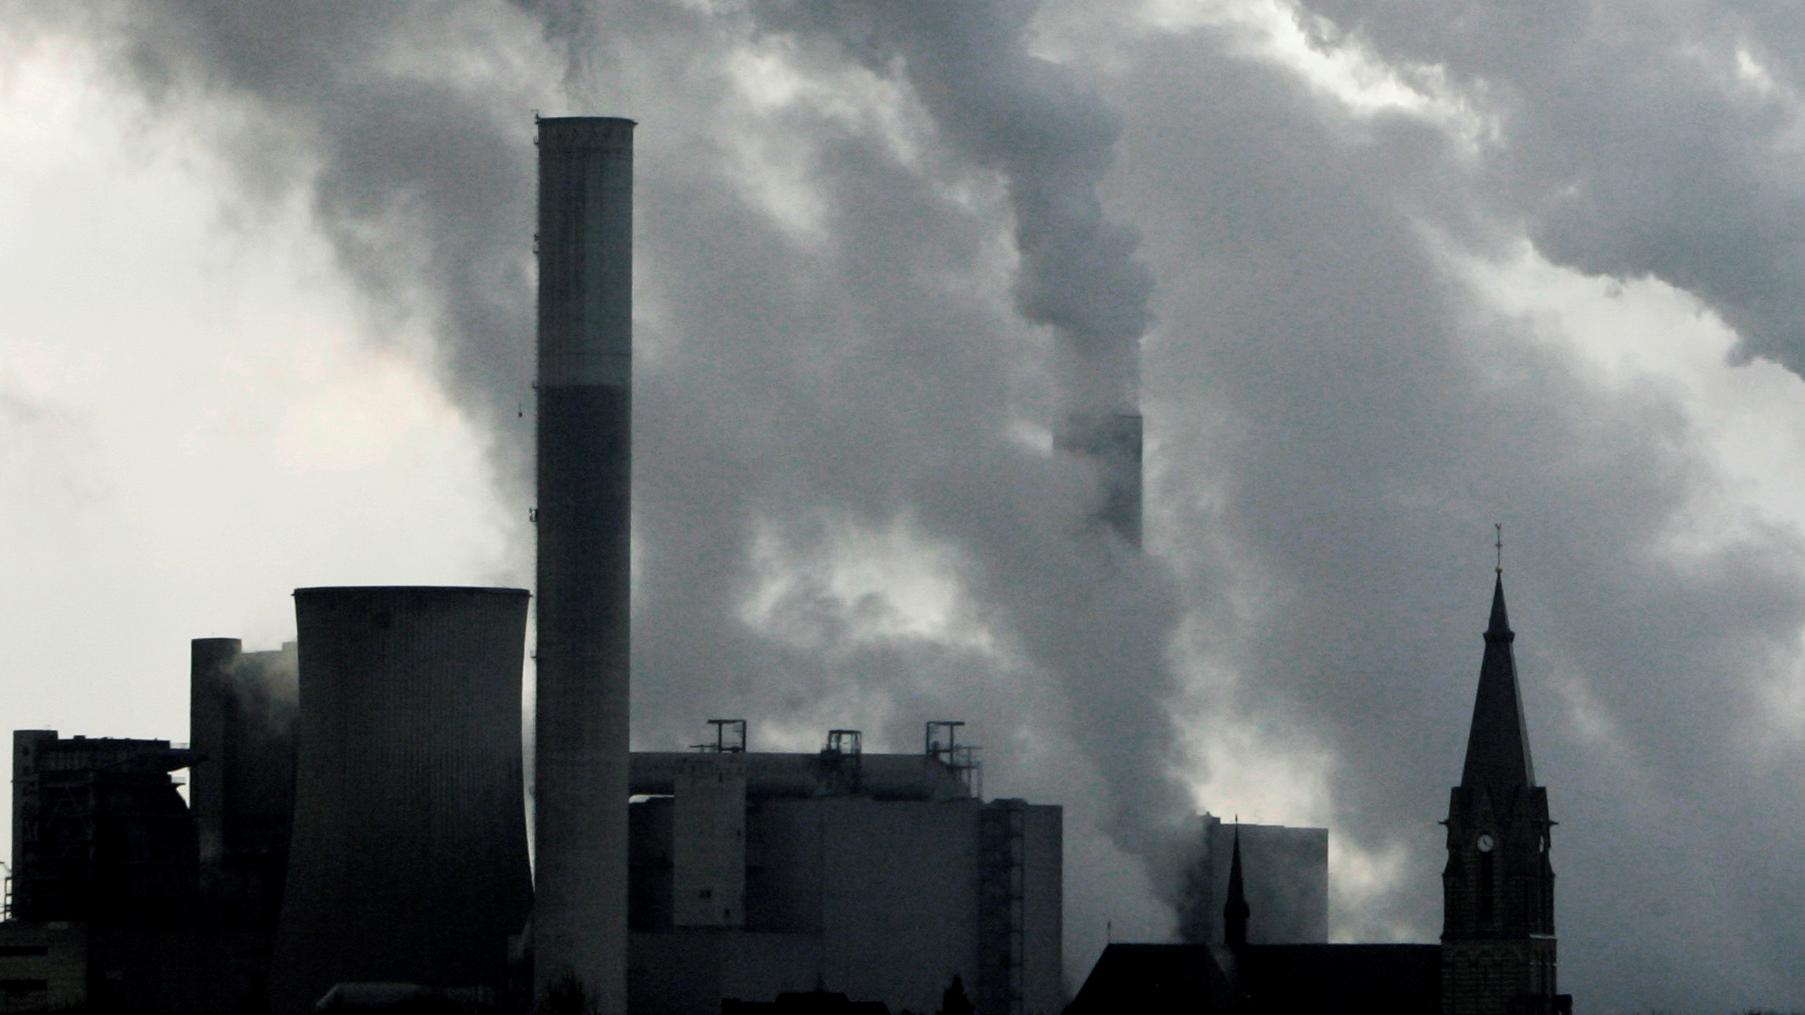 Ruotsissa ilmastokeskustelun keskiössä ovat energia, liikenne ja teollisuuden päästöt